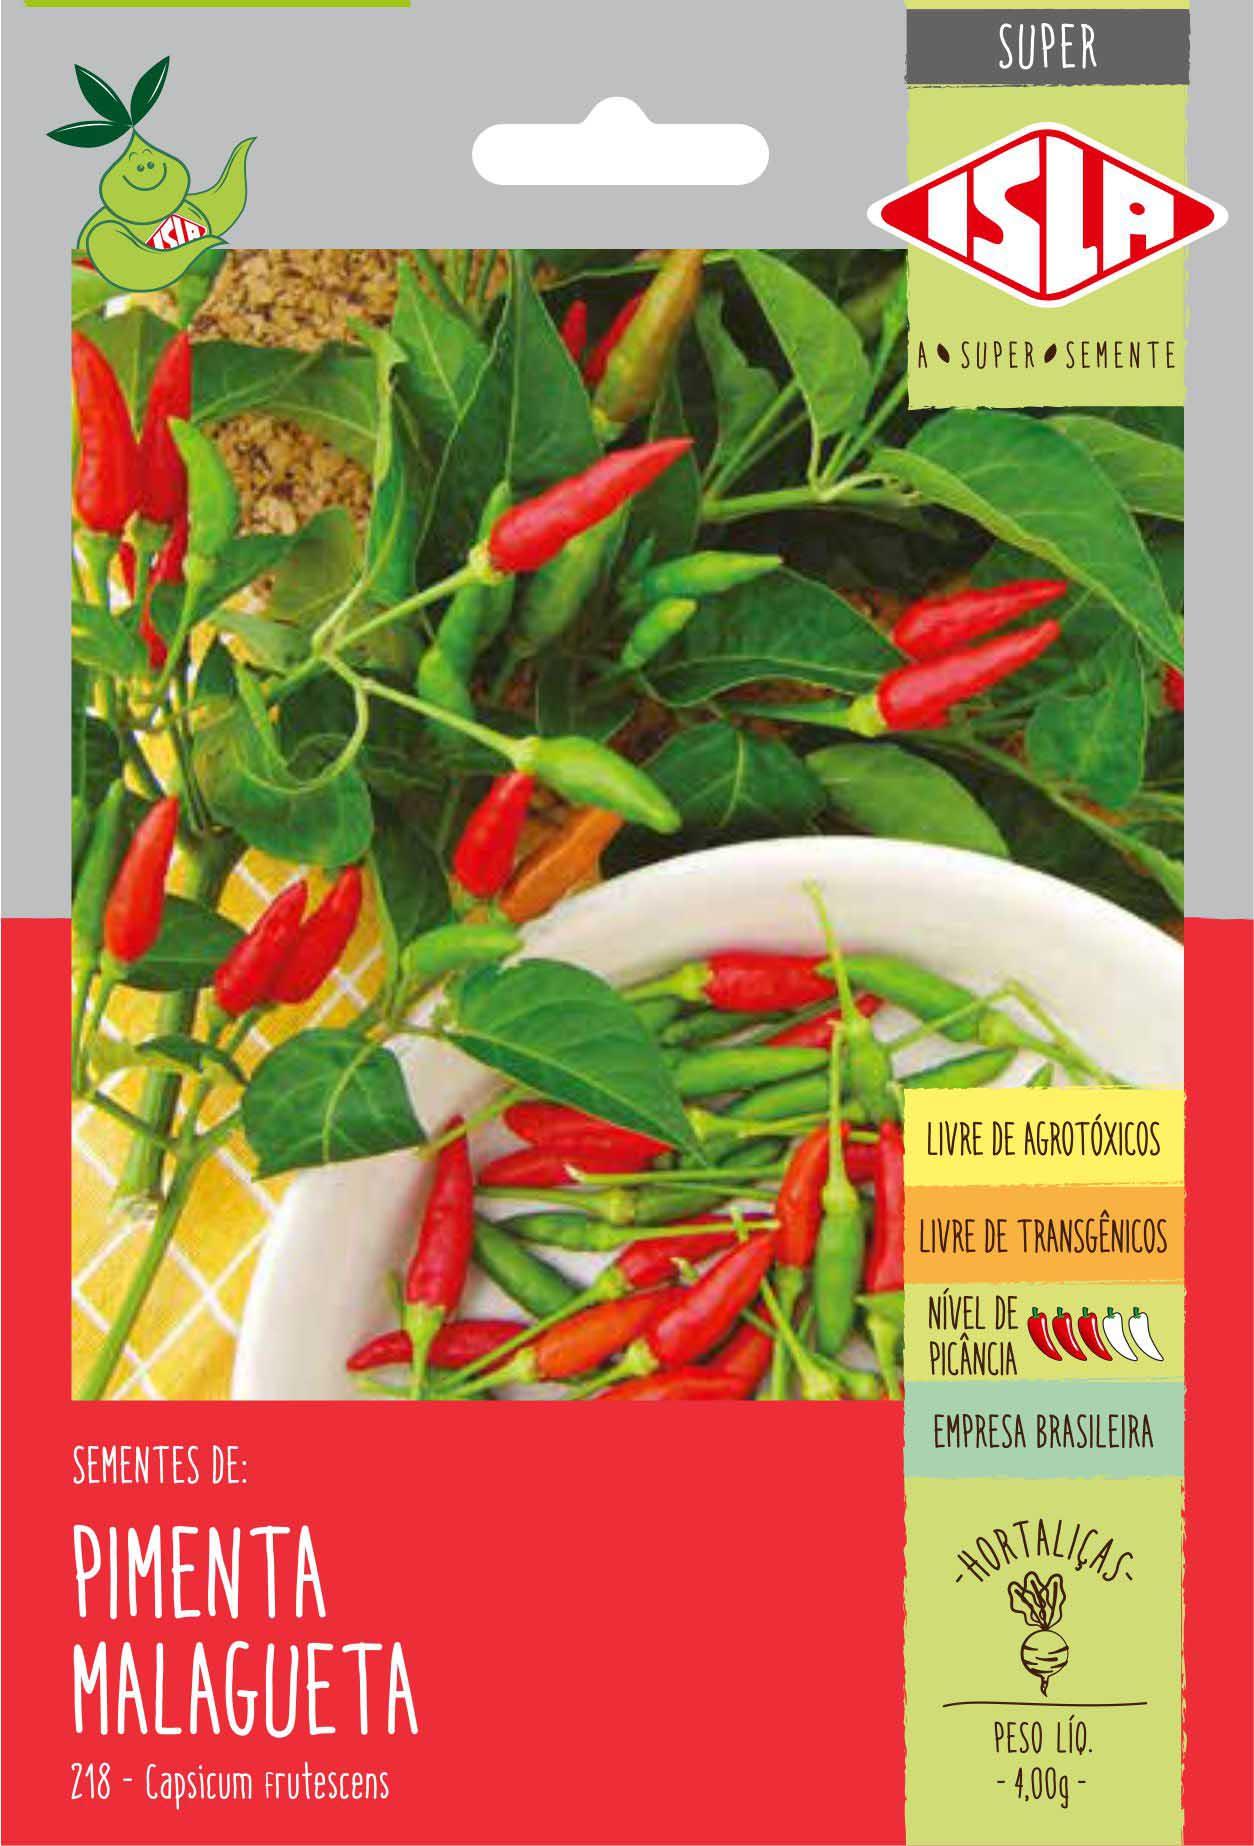 Sementes de Pimenta Malagueta - Isla Superpak